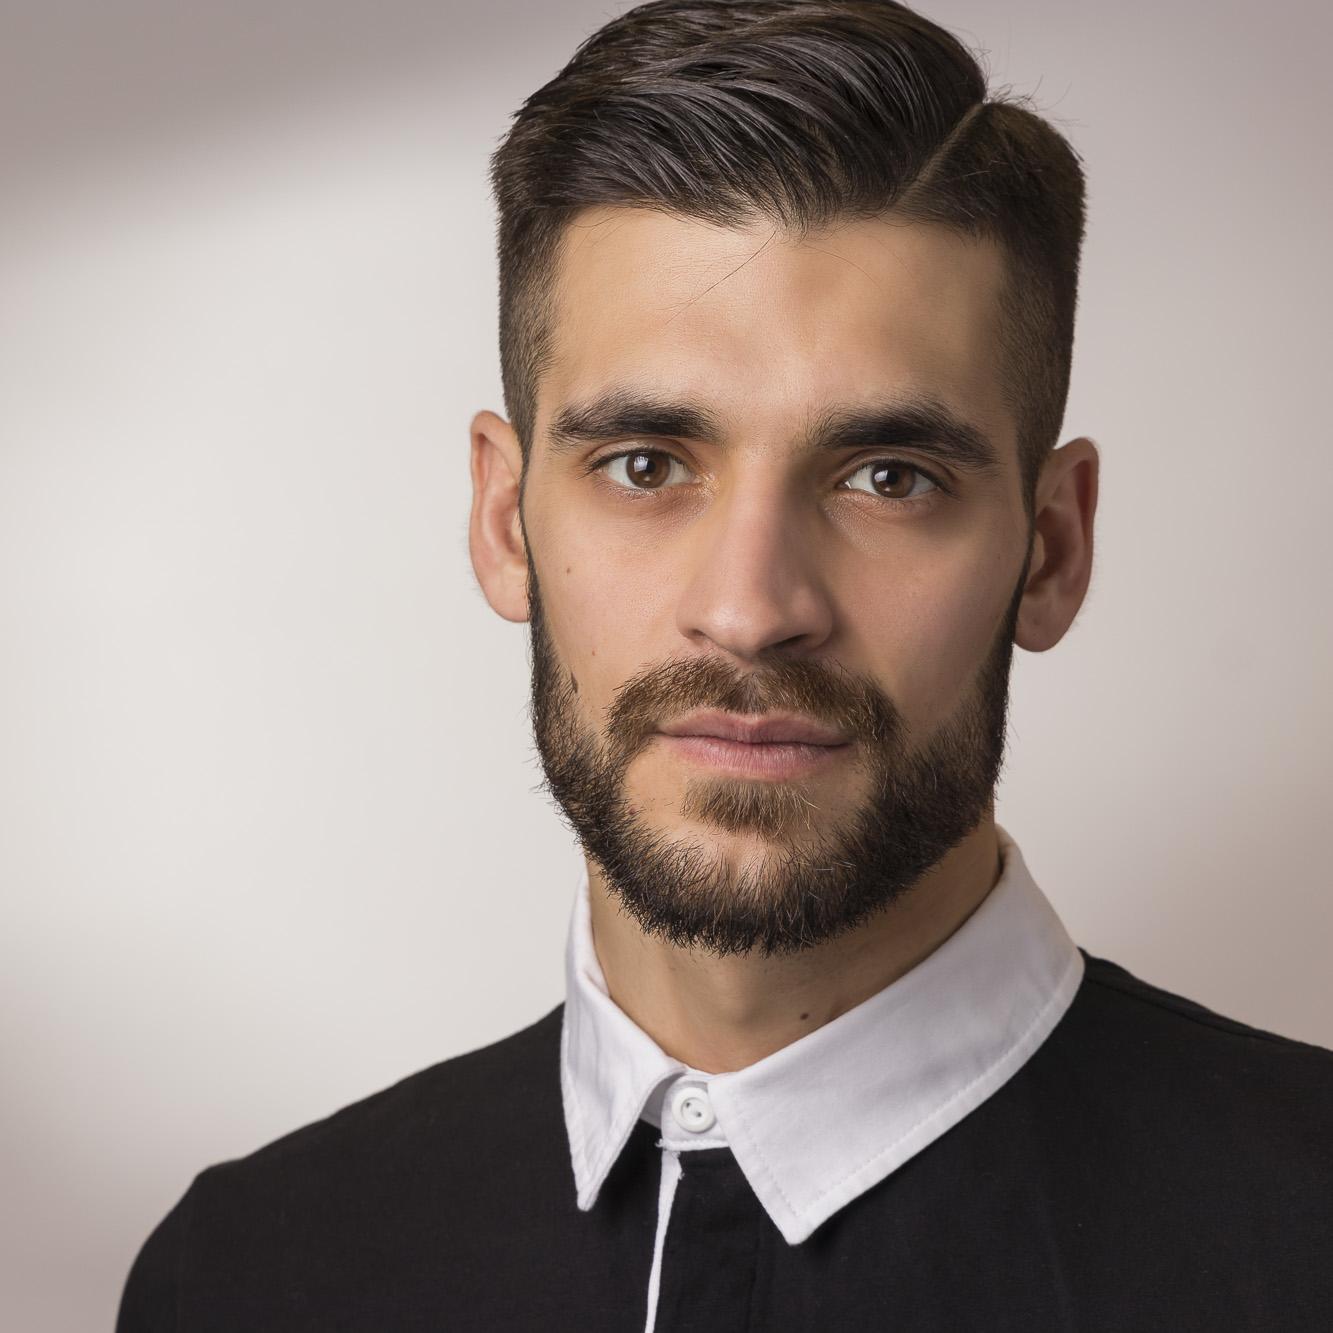 Fotógrafo de retratos profesionales en Madrid | Felix ...